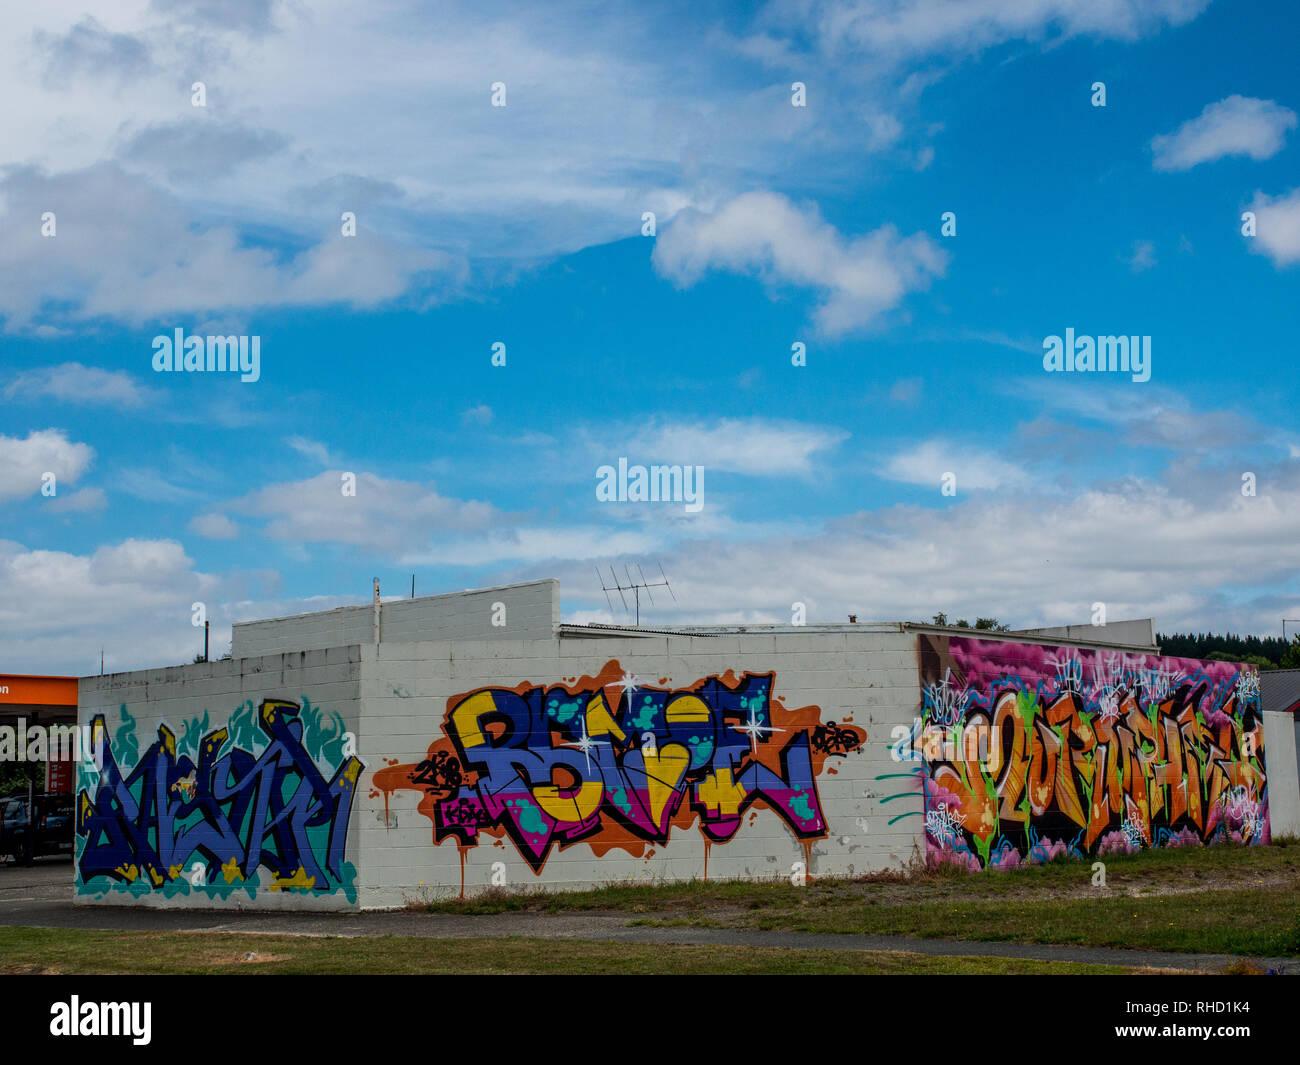 Le Graffiti, le marquage, l'art de la rue, la culture des jeunes, Murapara, Bay of Plenty, île du Nord, Nouvelle-Zélande Photo Stock